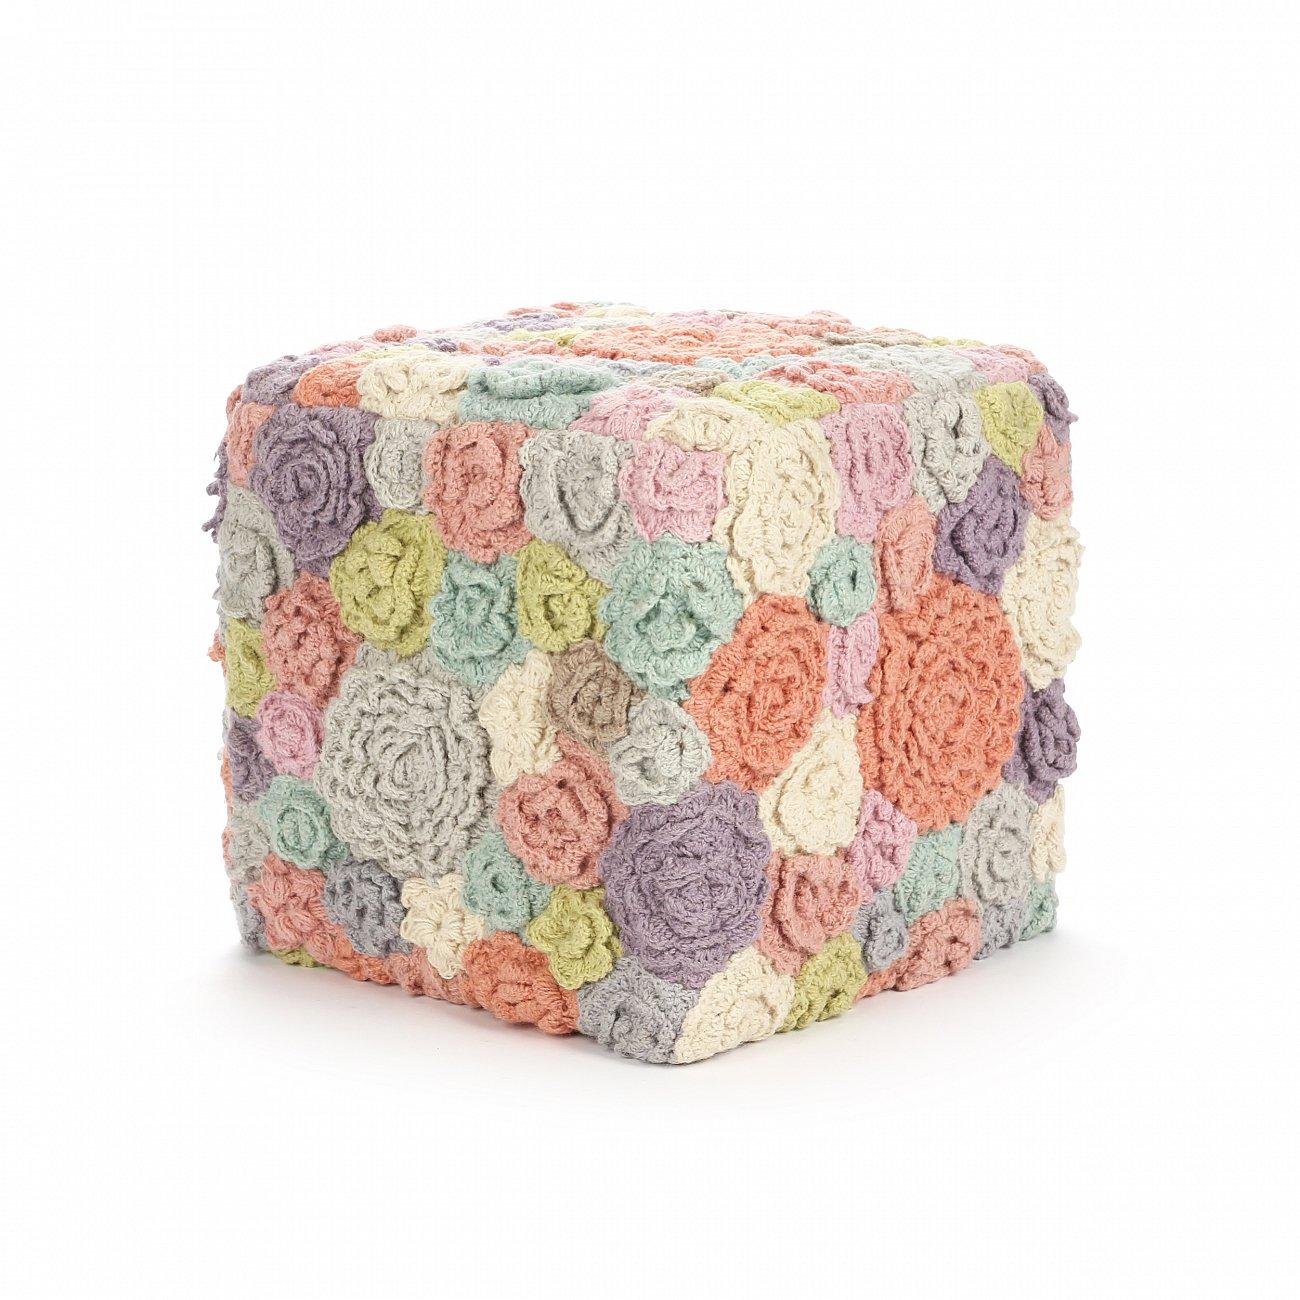 Купить Пуф Gardenia разноцветный в интернет магазине дизайнерской мебели и аксессуаров для дома и дачи